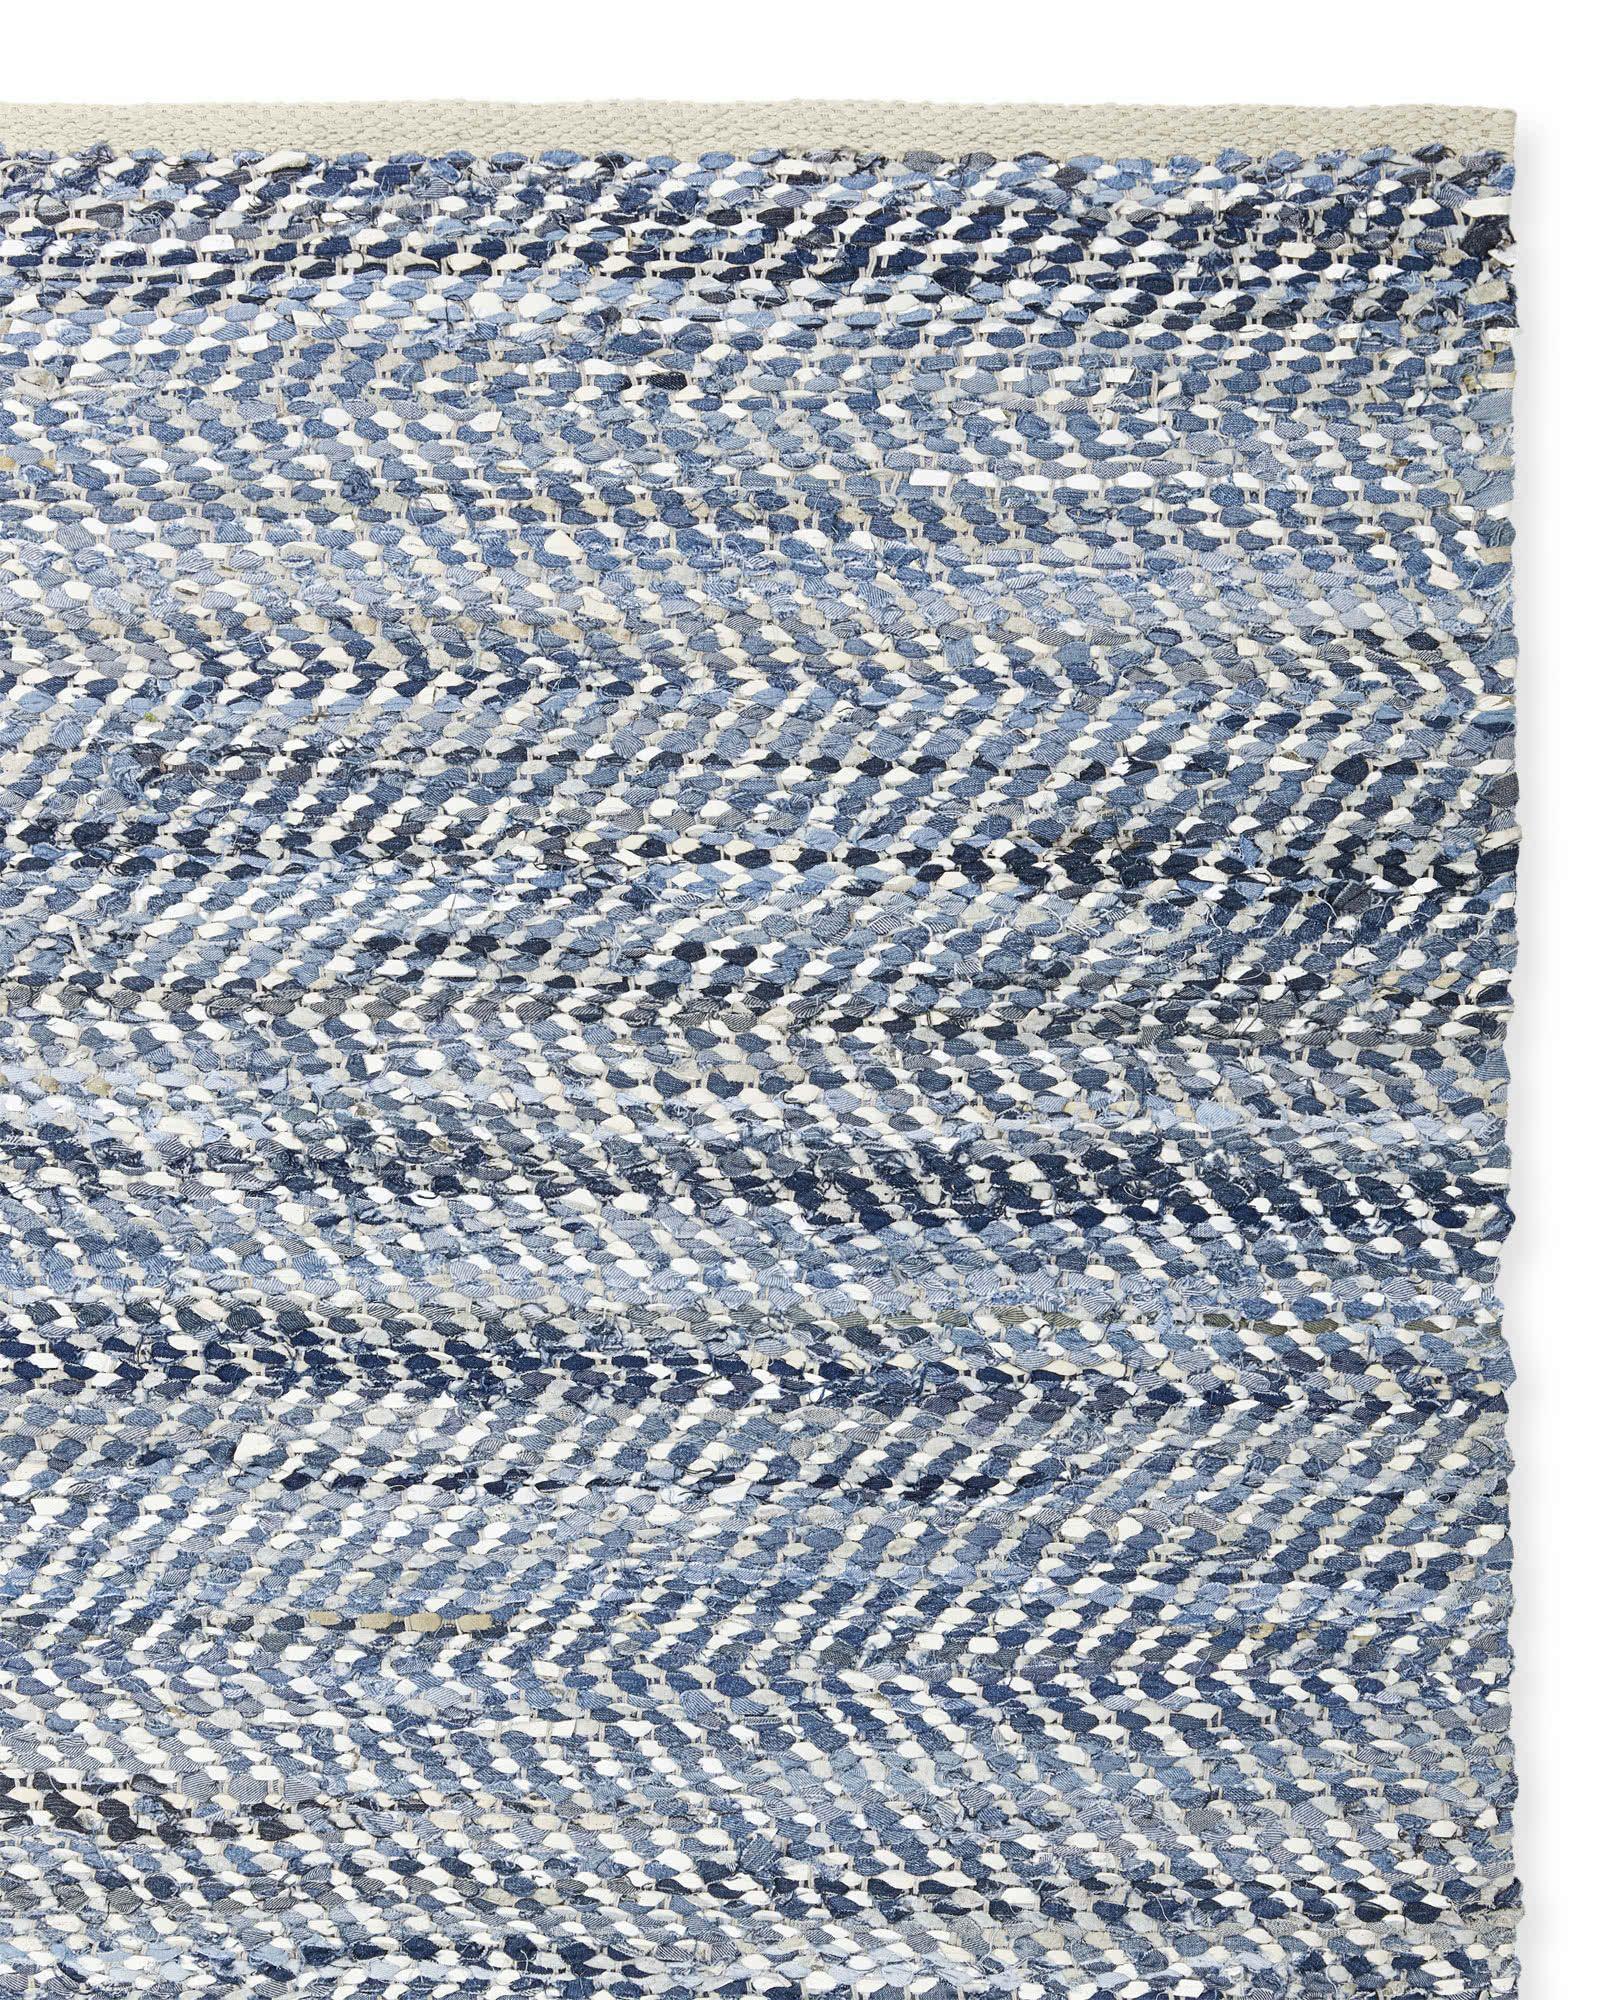 Porter Denim Suede Rug Suede Rugs Rugs Rugs On Carpet